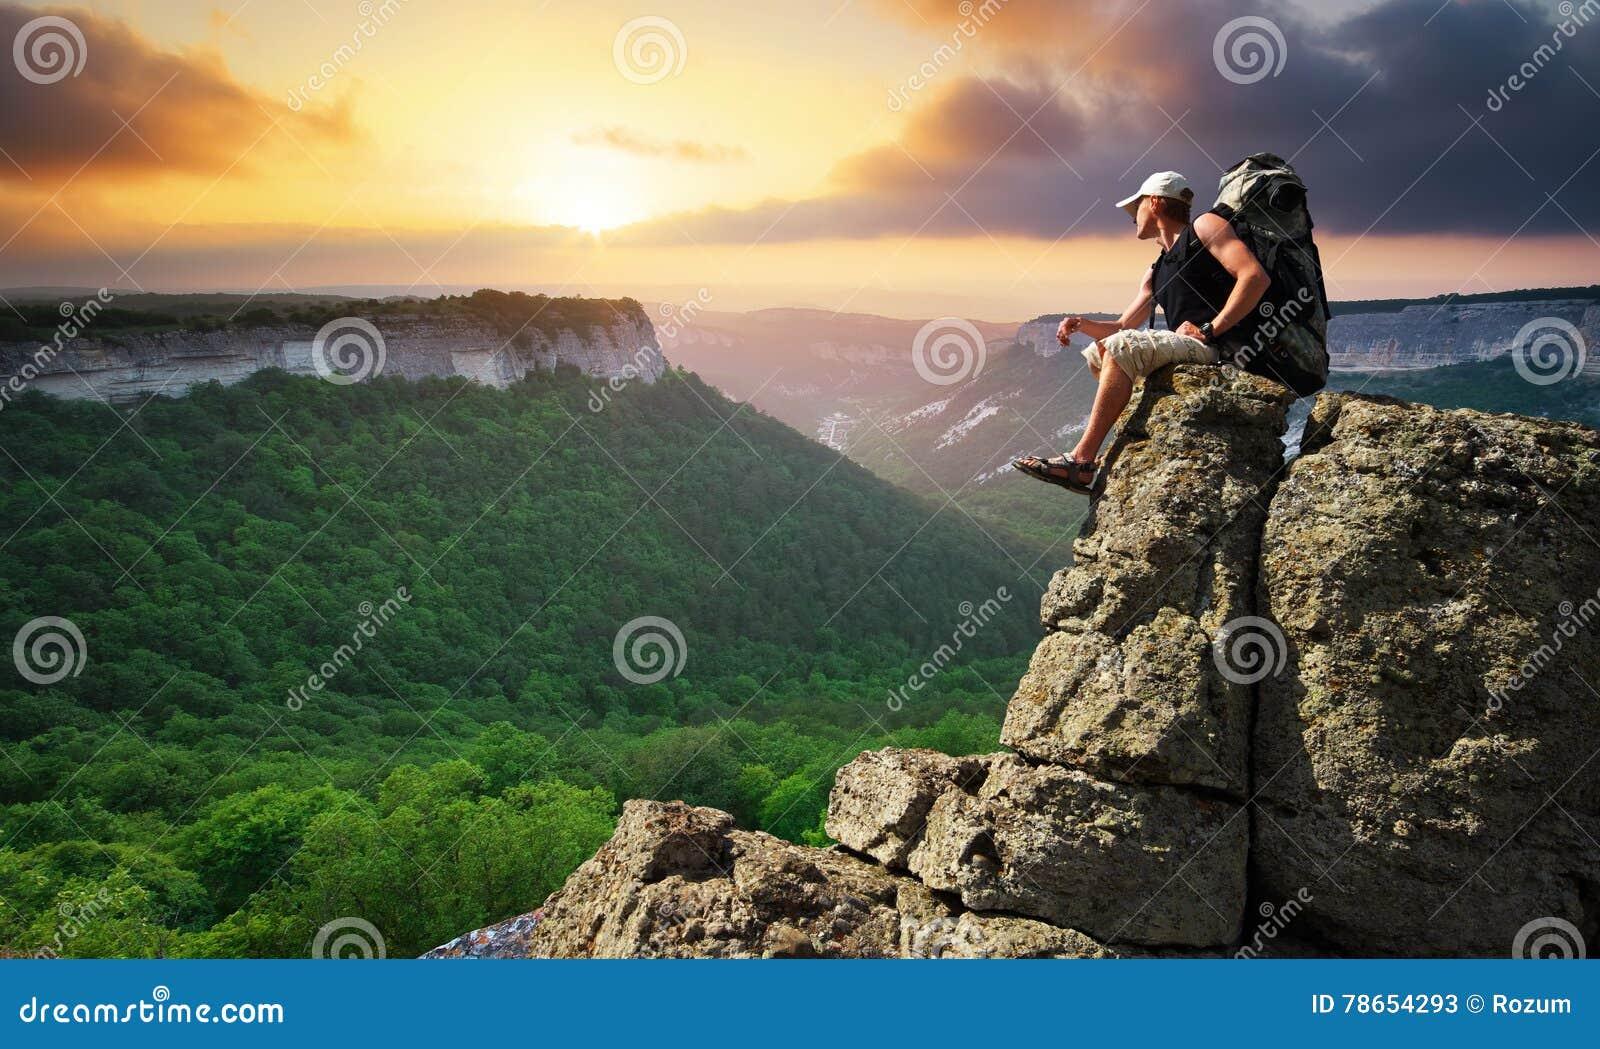 Aktywności czas wolny mężczyzna góry turysta